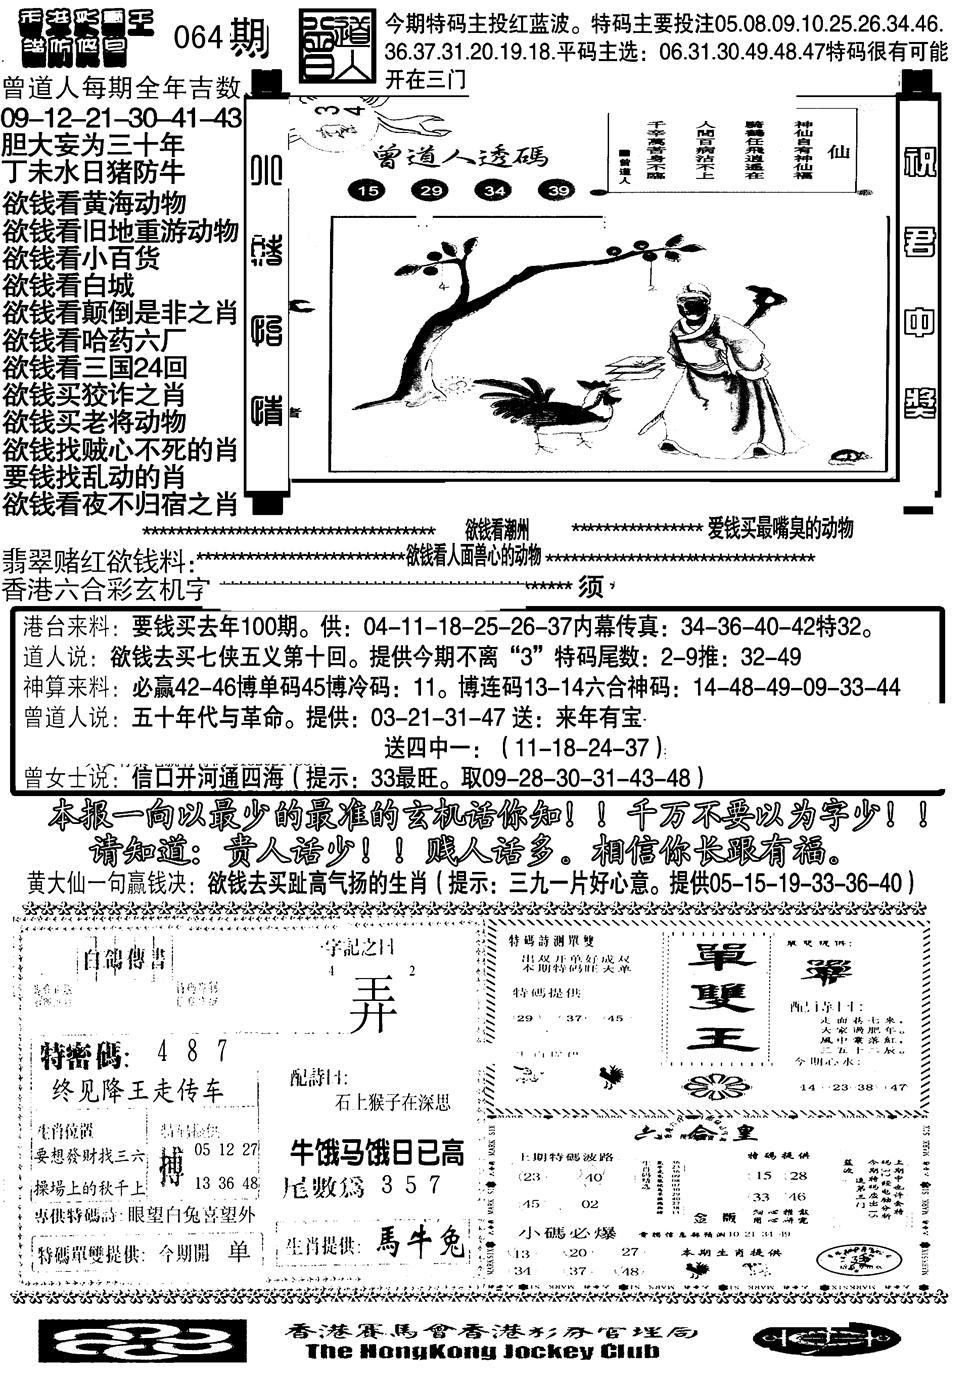 064期大刀彩霸王B(黑白)